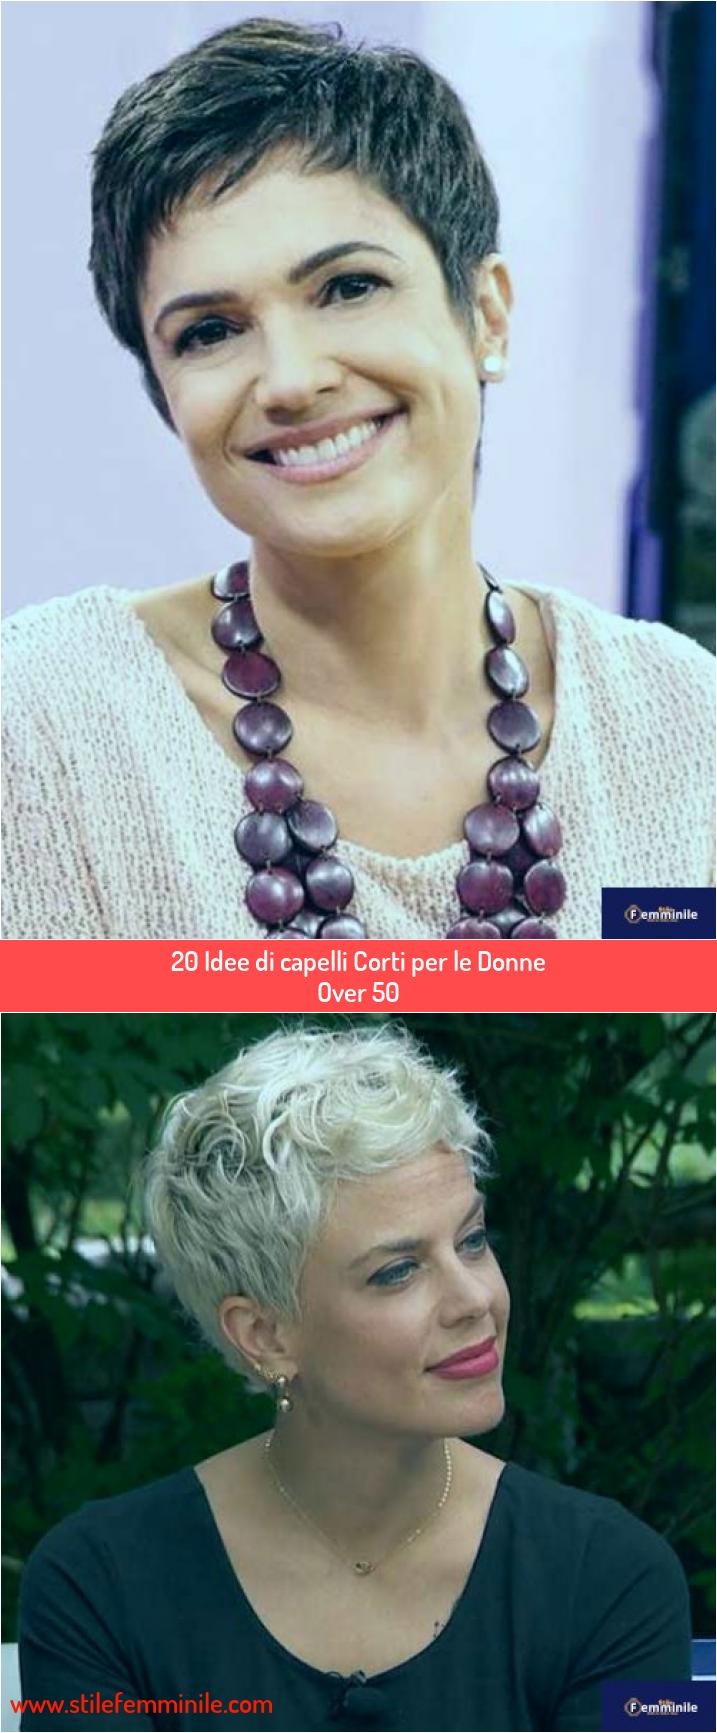 20 Idee di capelli Corti per le Donne Over 50 nel 2020 ...